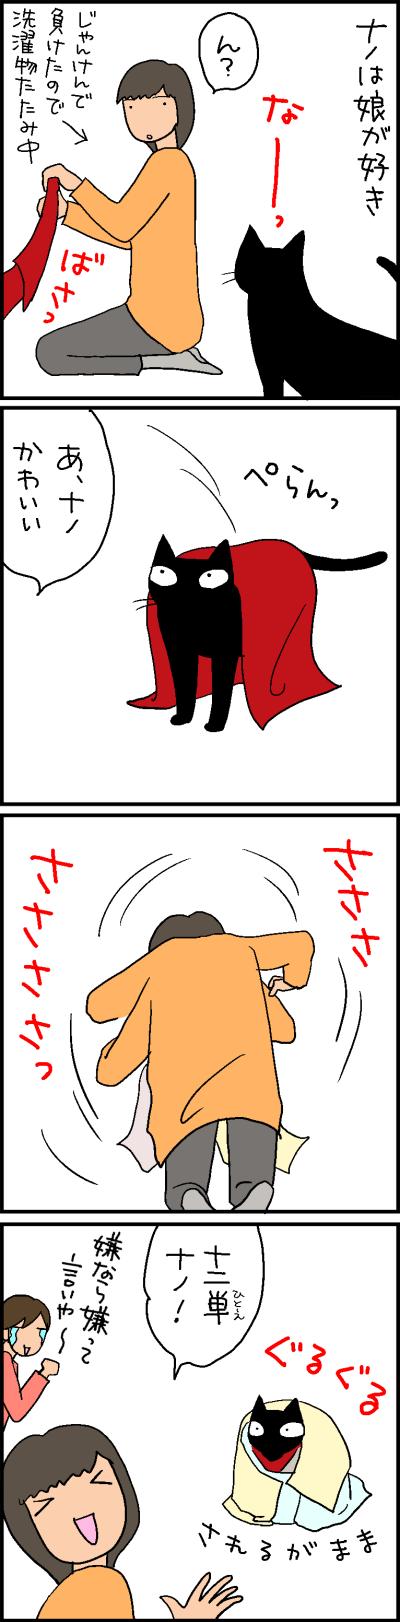 飼い主にされるがままの猫の4コマ猫漫画